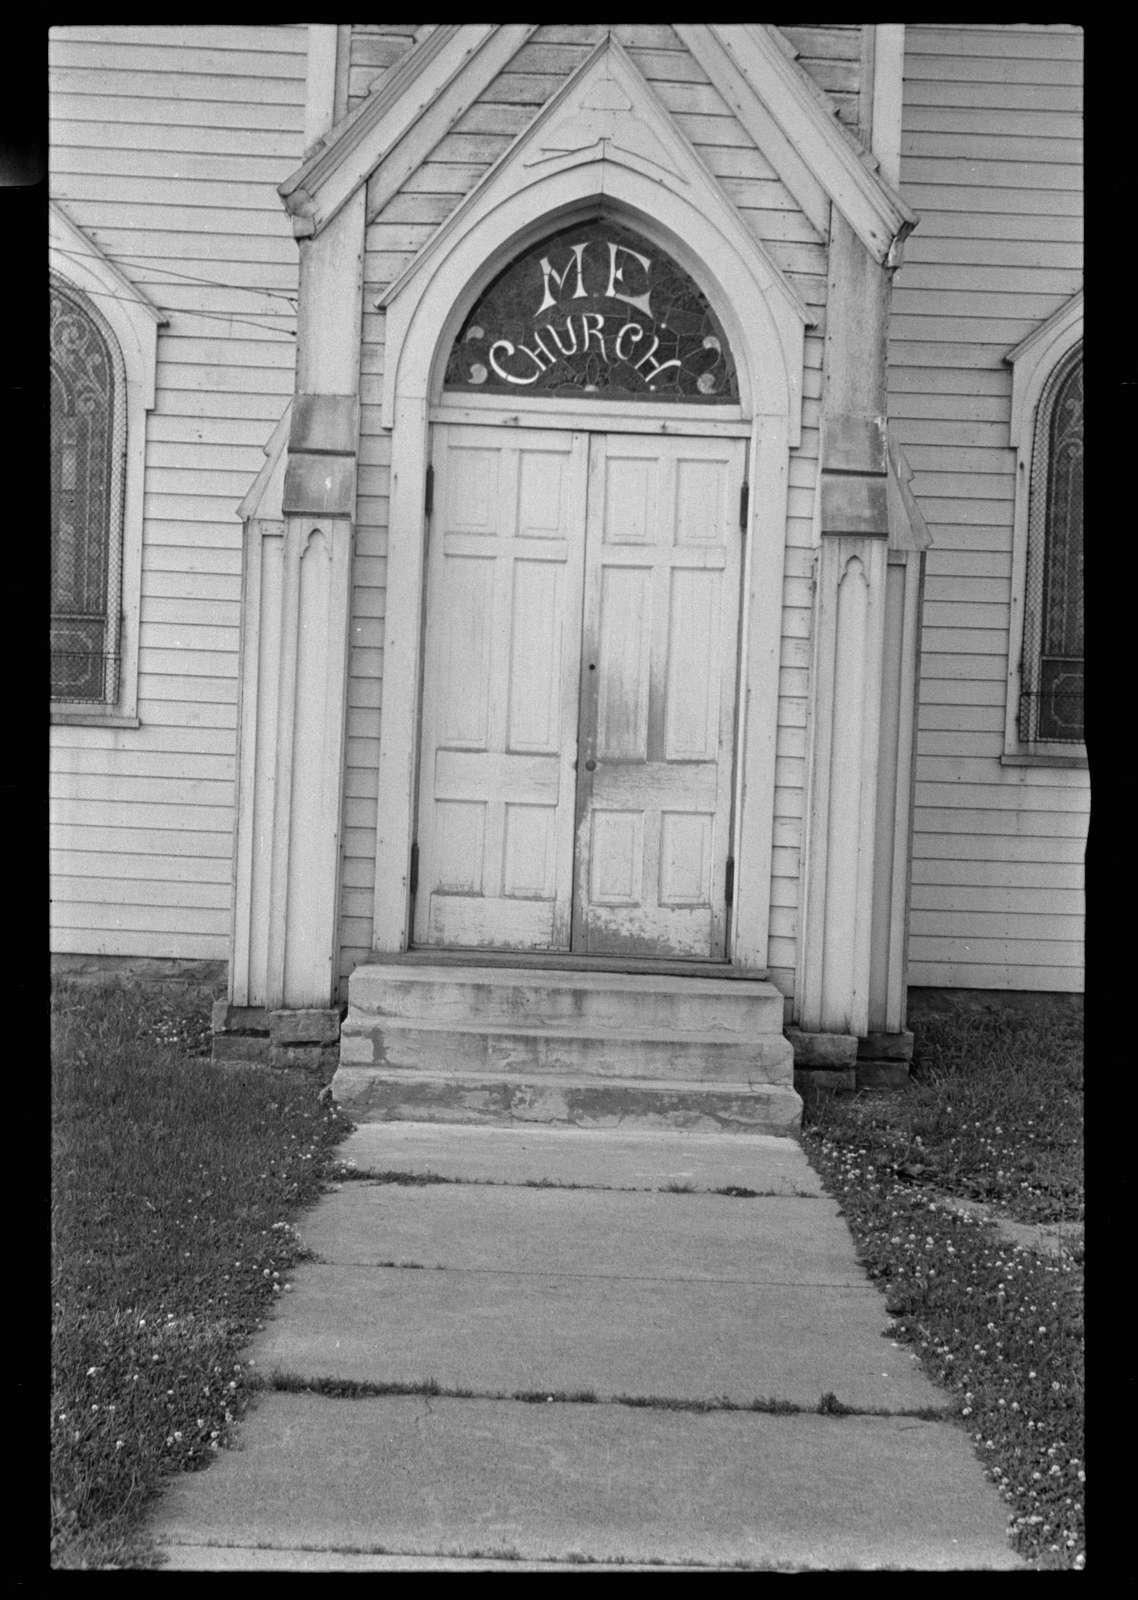 Methodist church, Unionville Center, Ohio